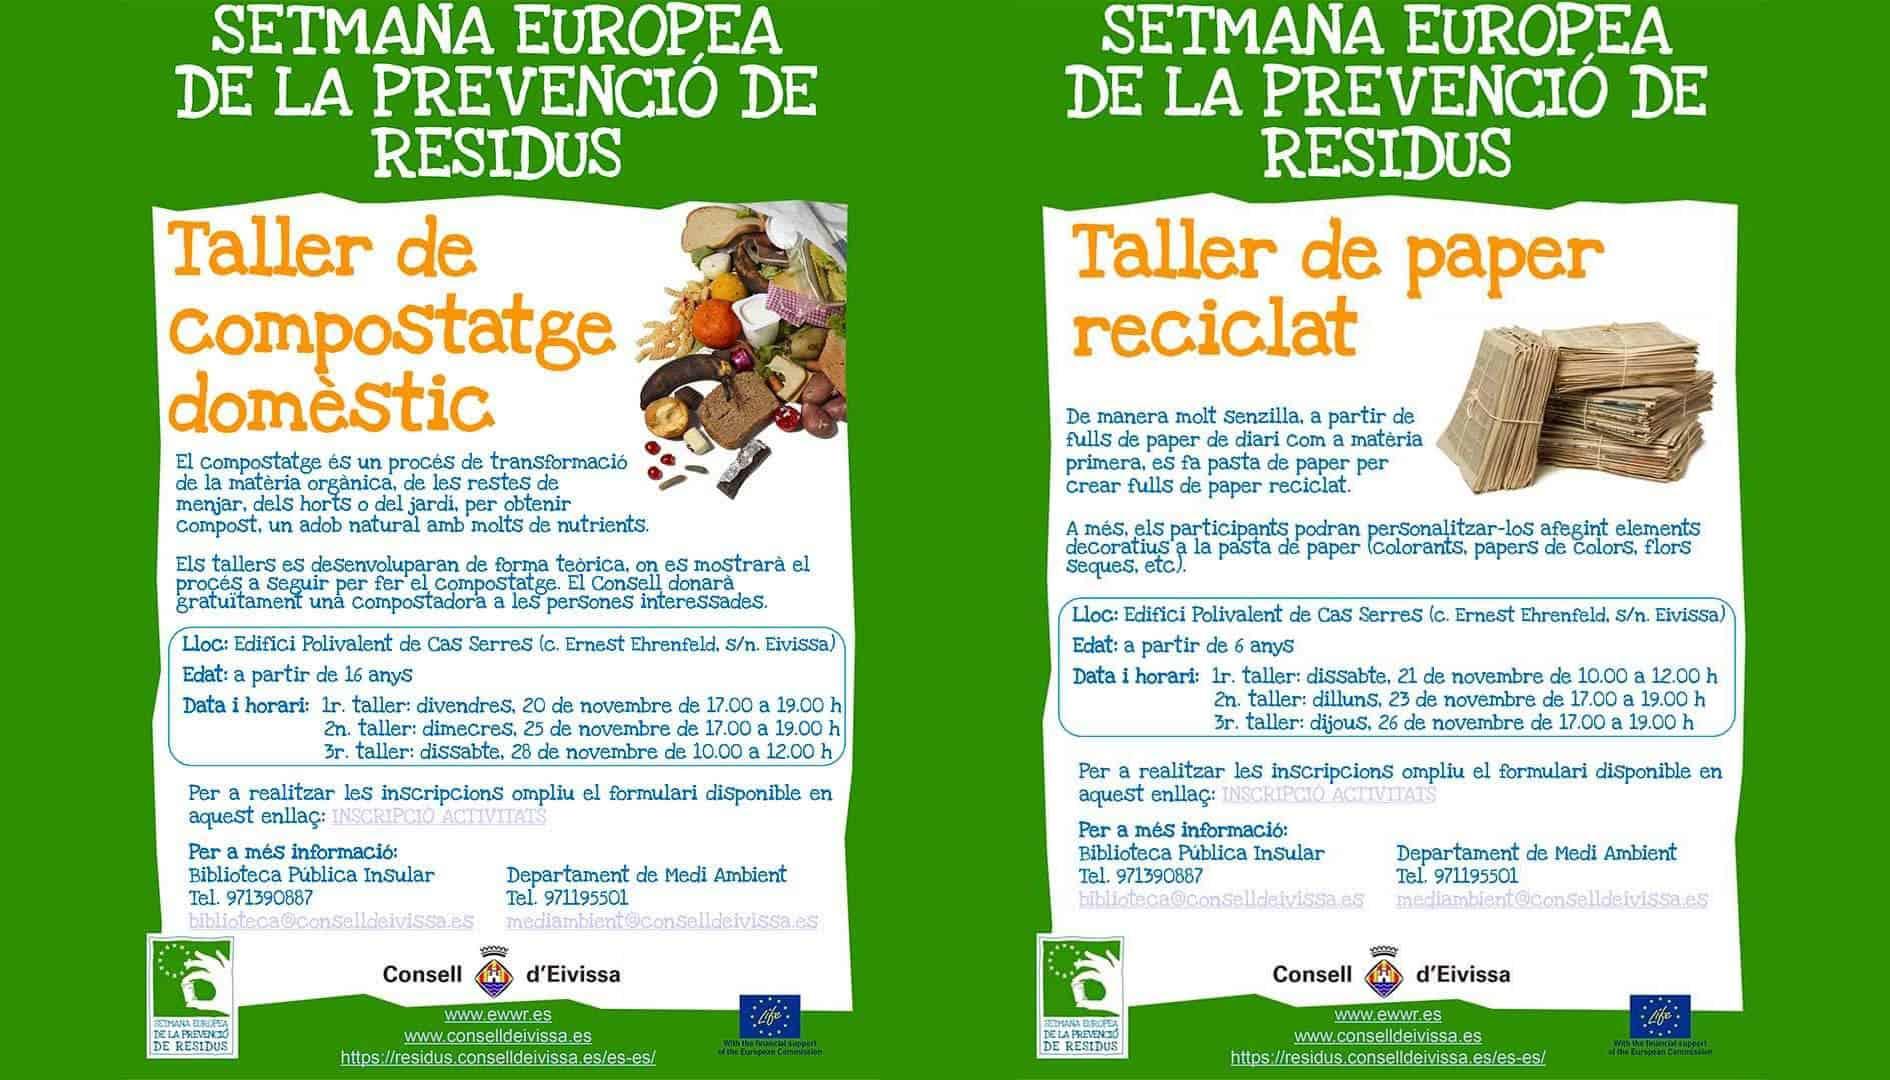 semana-europea-de-prevencion-de-residuos-ibiza-2020-welcometoibiza